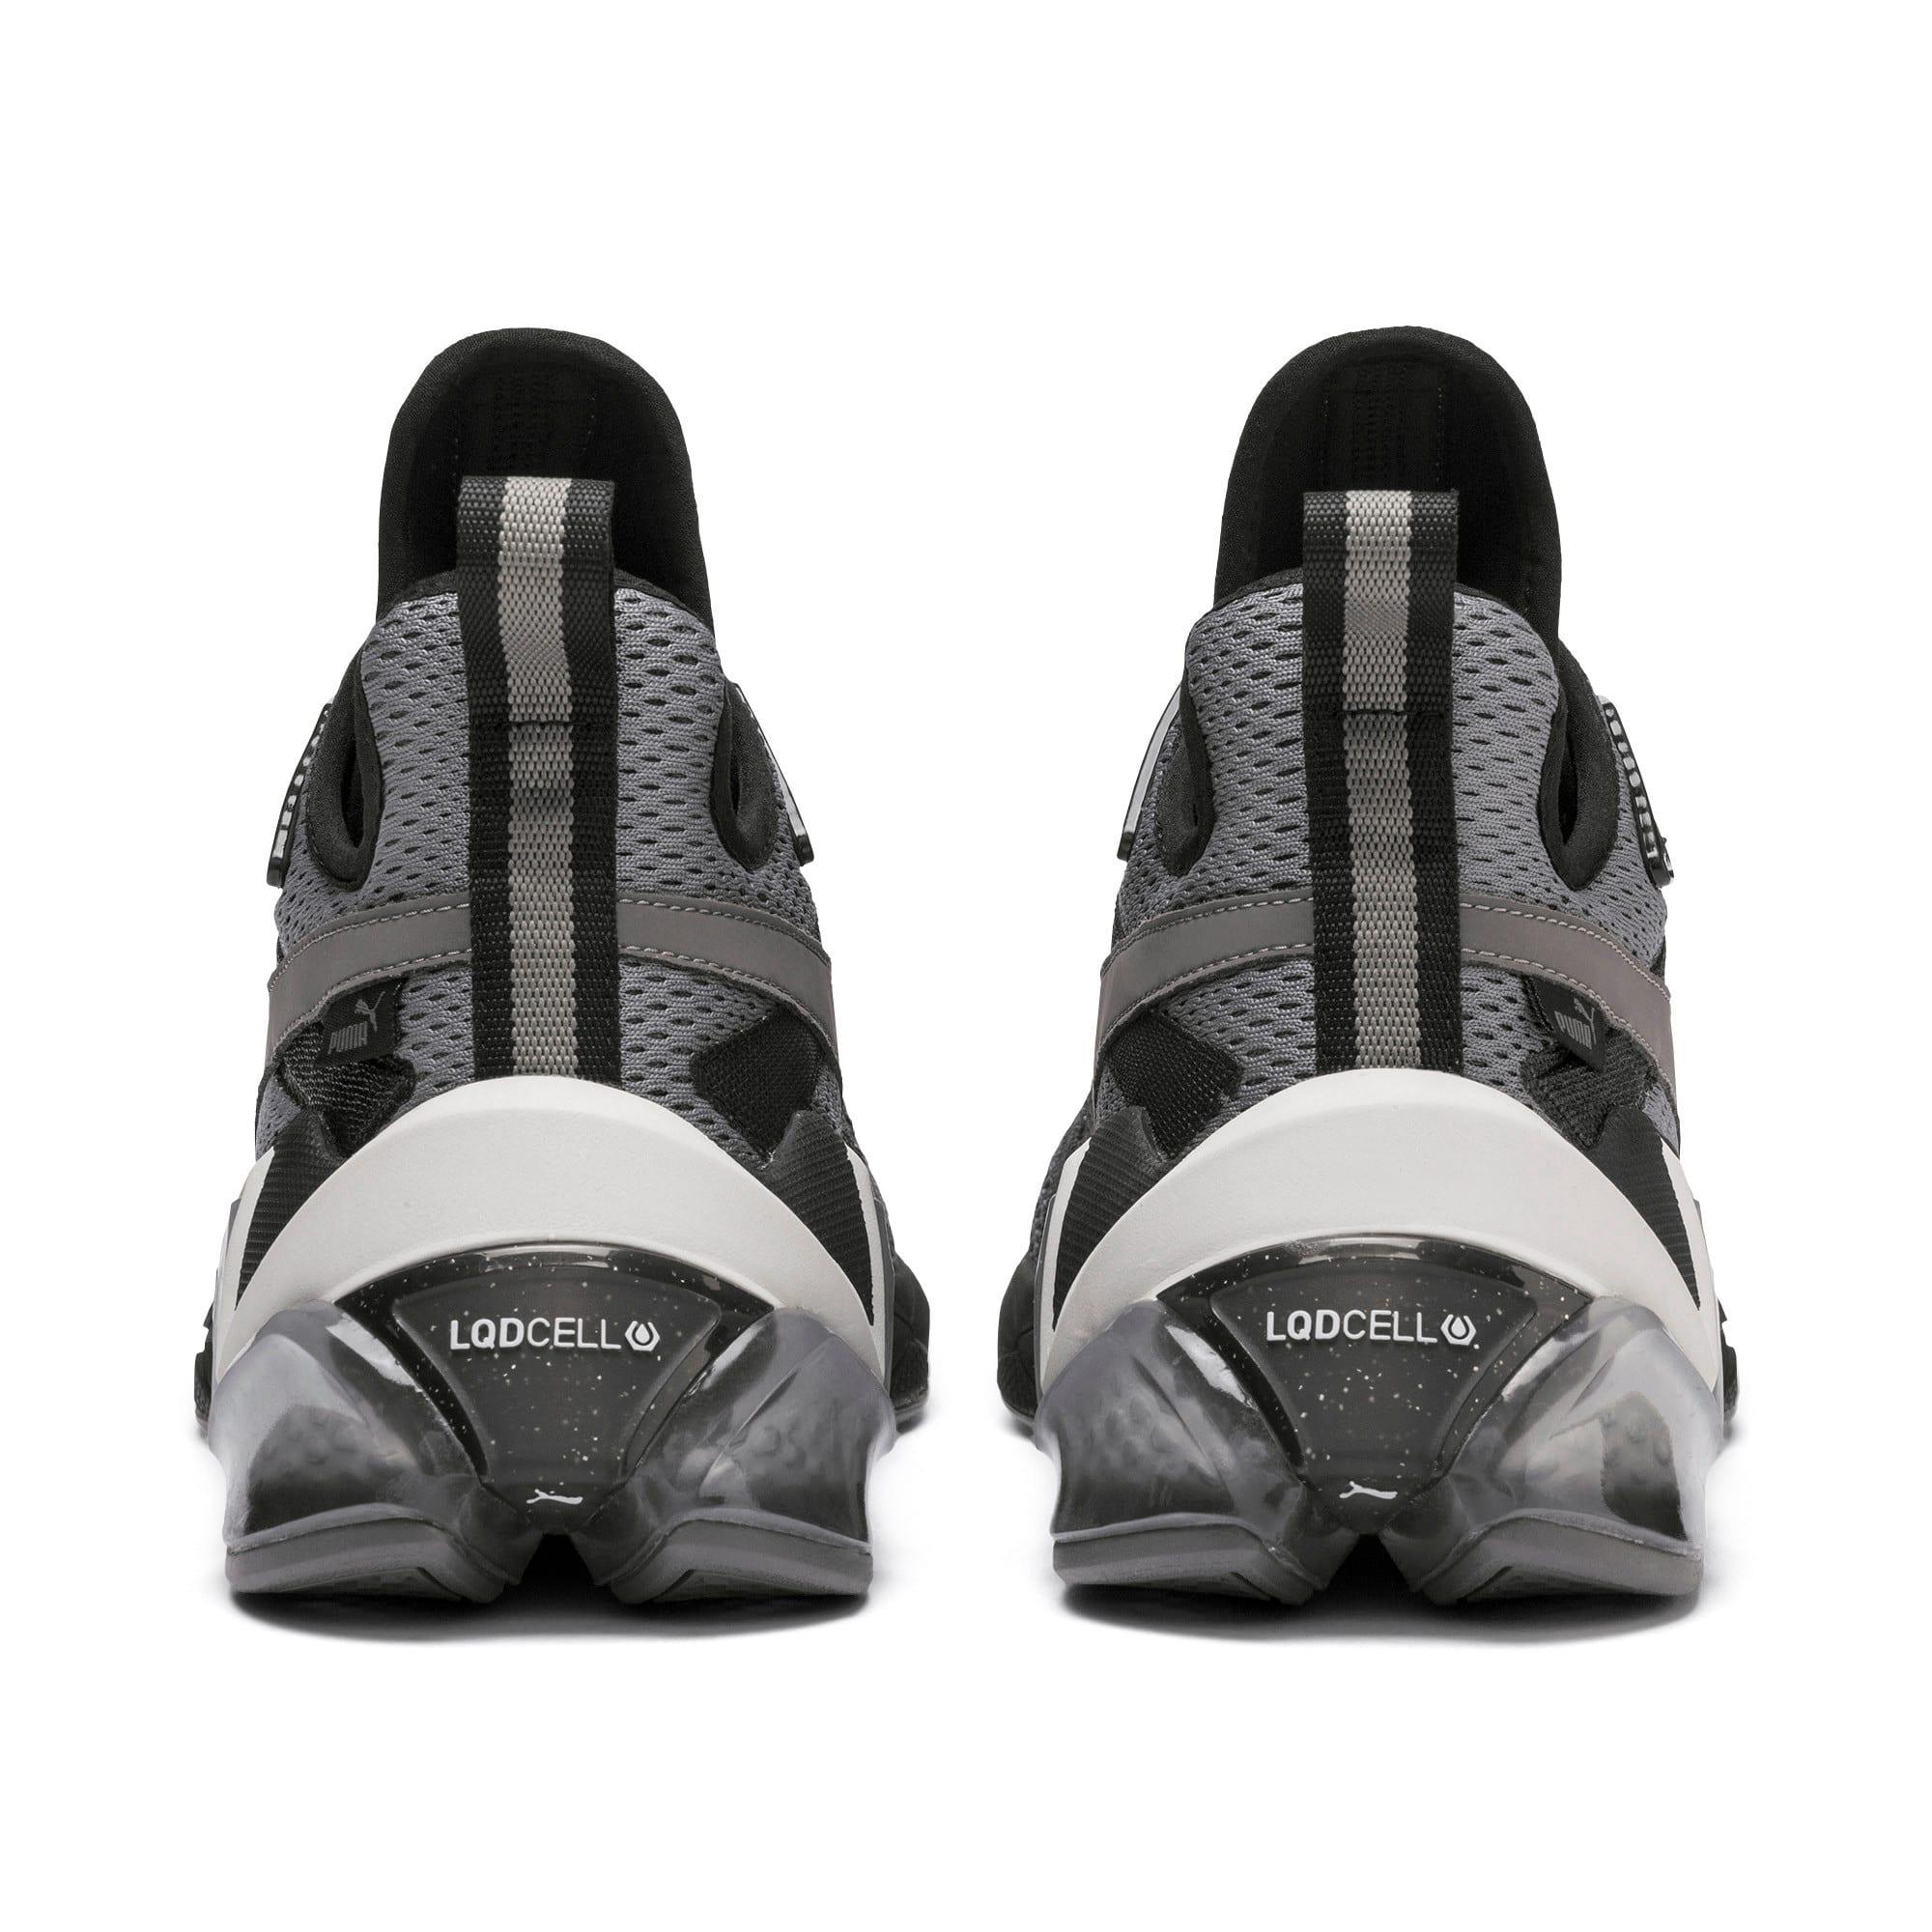 Thumbnail 4 of Chaussure d'entraînement LQDCELL Origin Tech pour homme, Puma Black-CASTLEROCK, medium